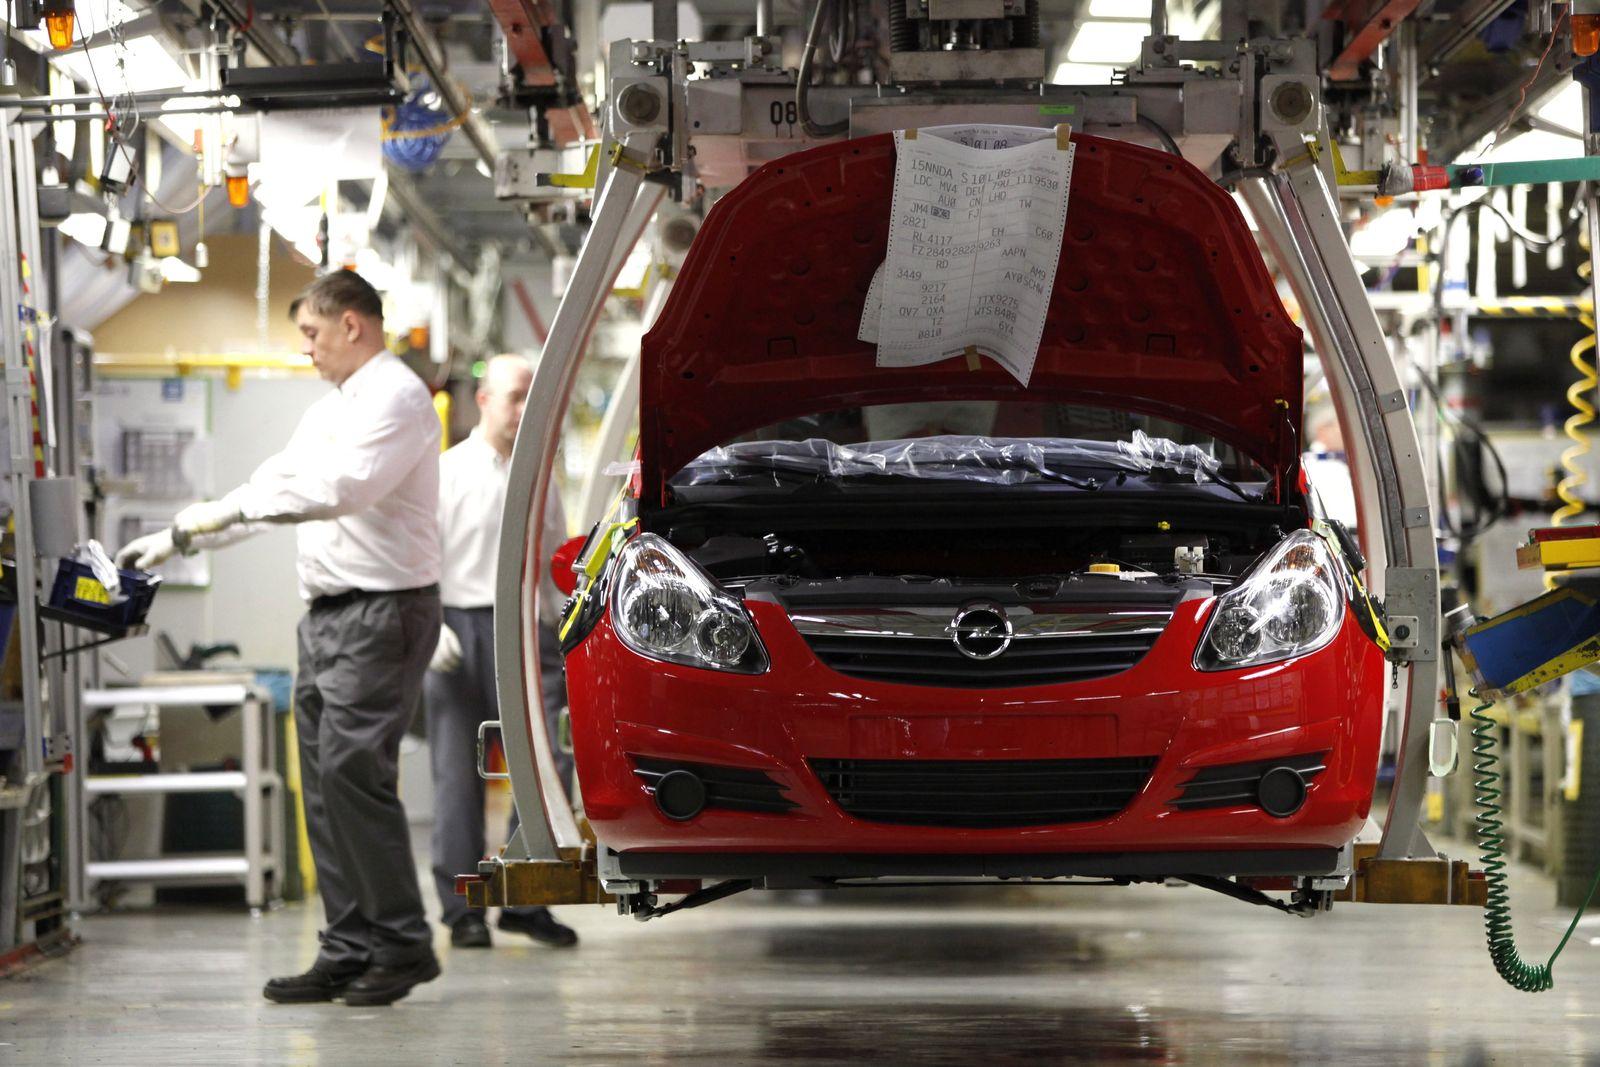 NICHT VERWENDEN Thueringen sichert als erstes Bundesland Opel Staatshilfen zu